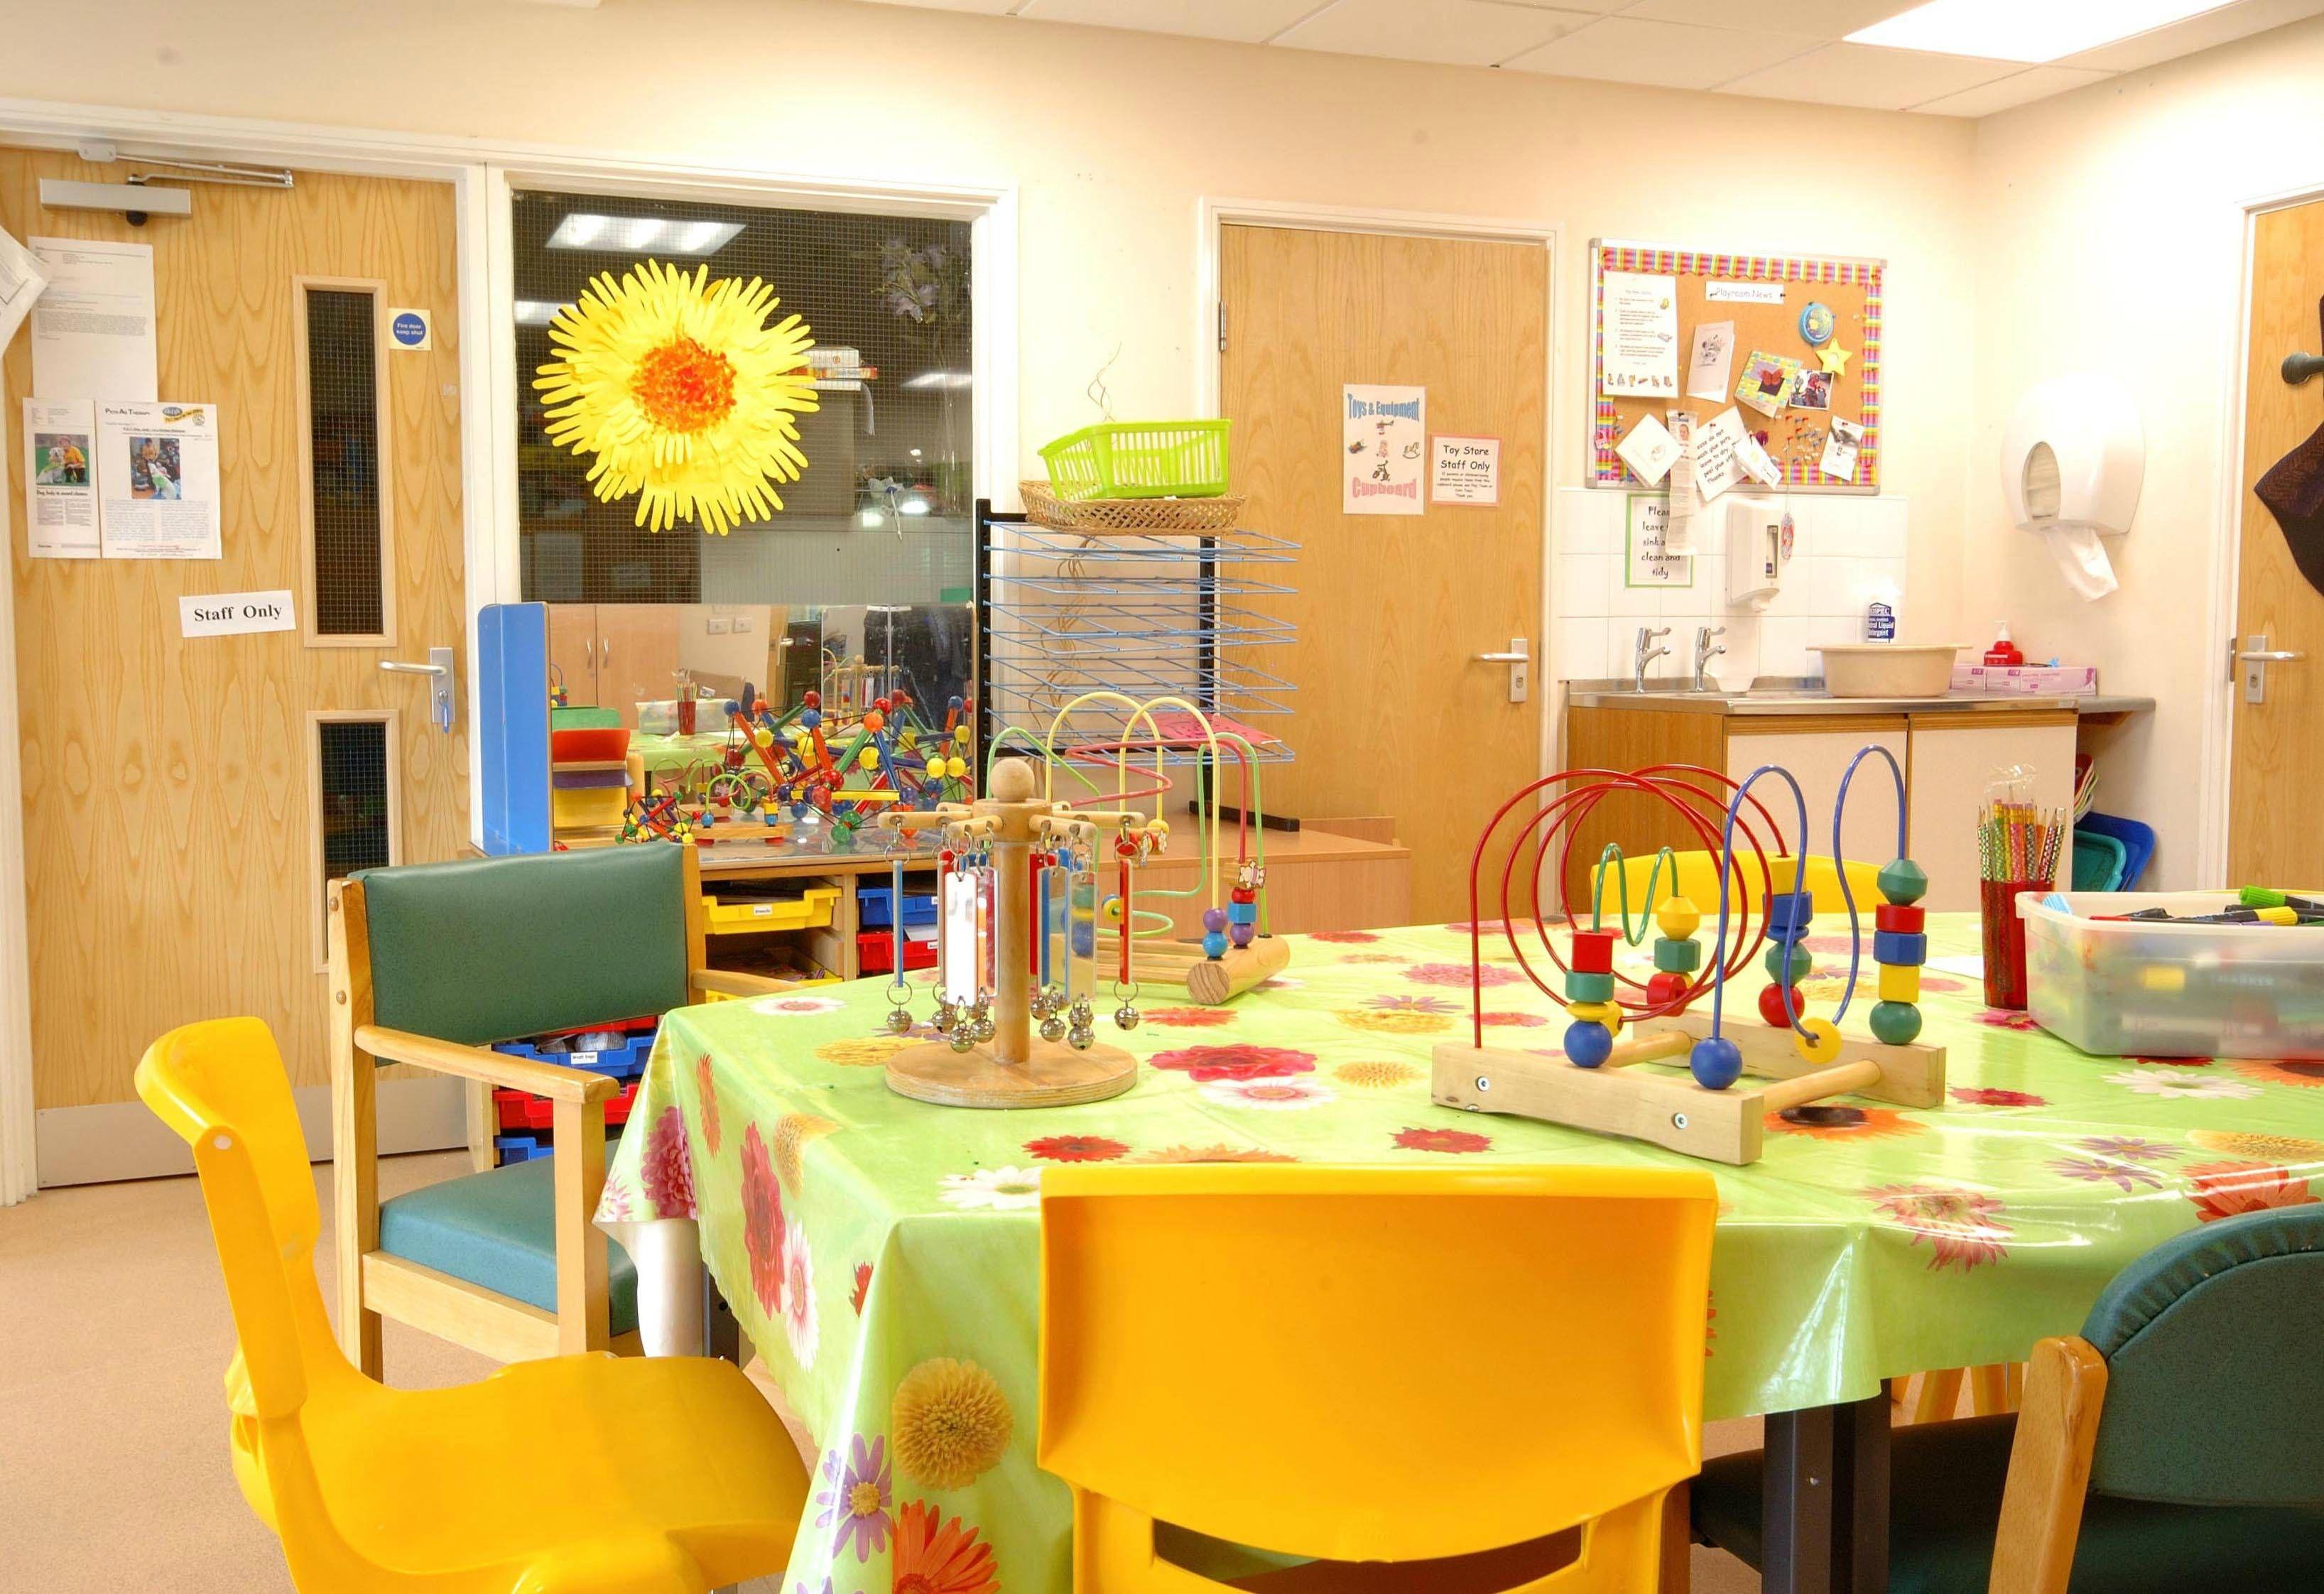 Playroom Space